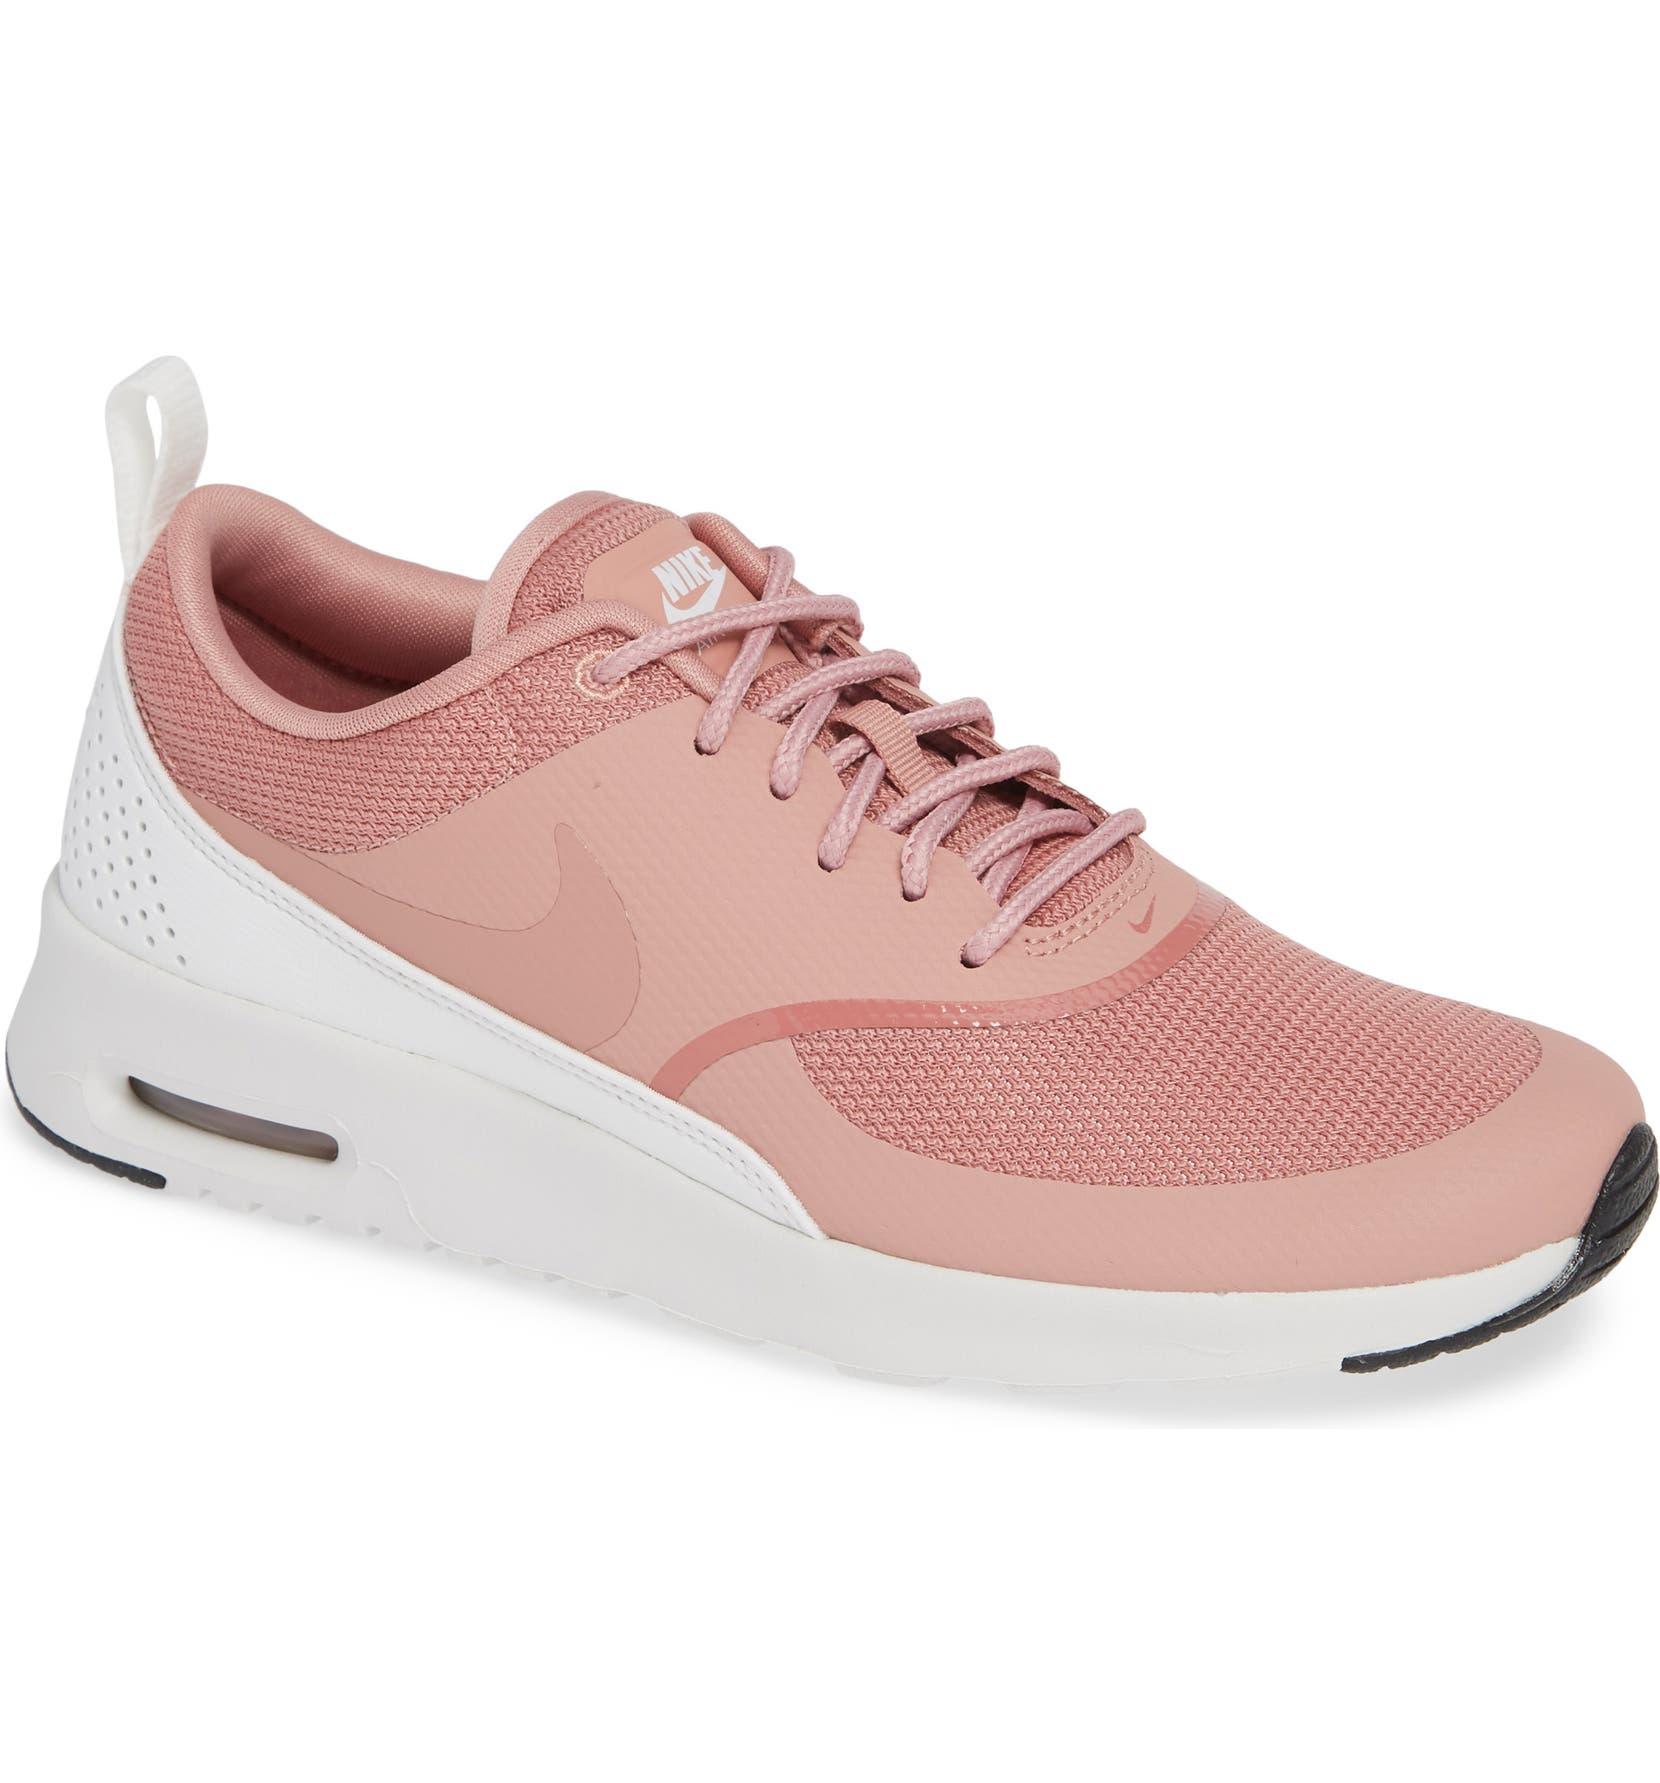 a93876f24050 Nike Air Max Thea Sneaker (Women)